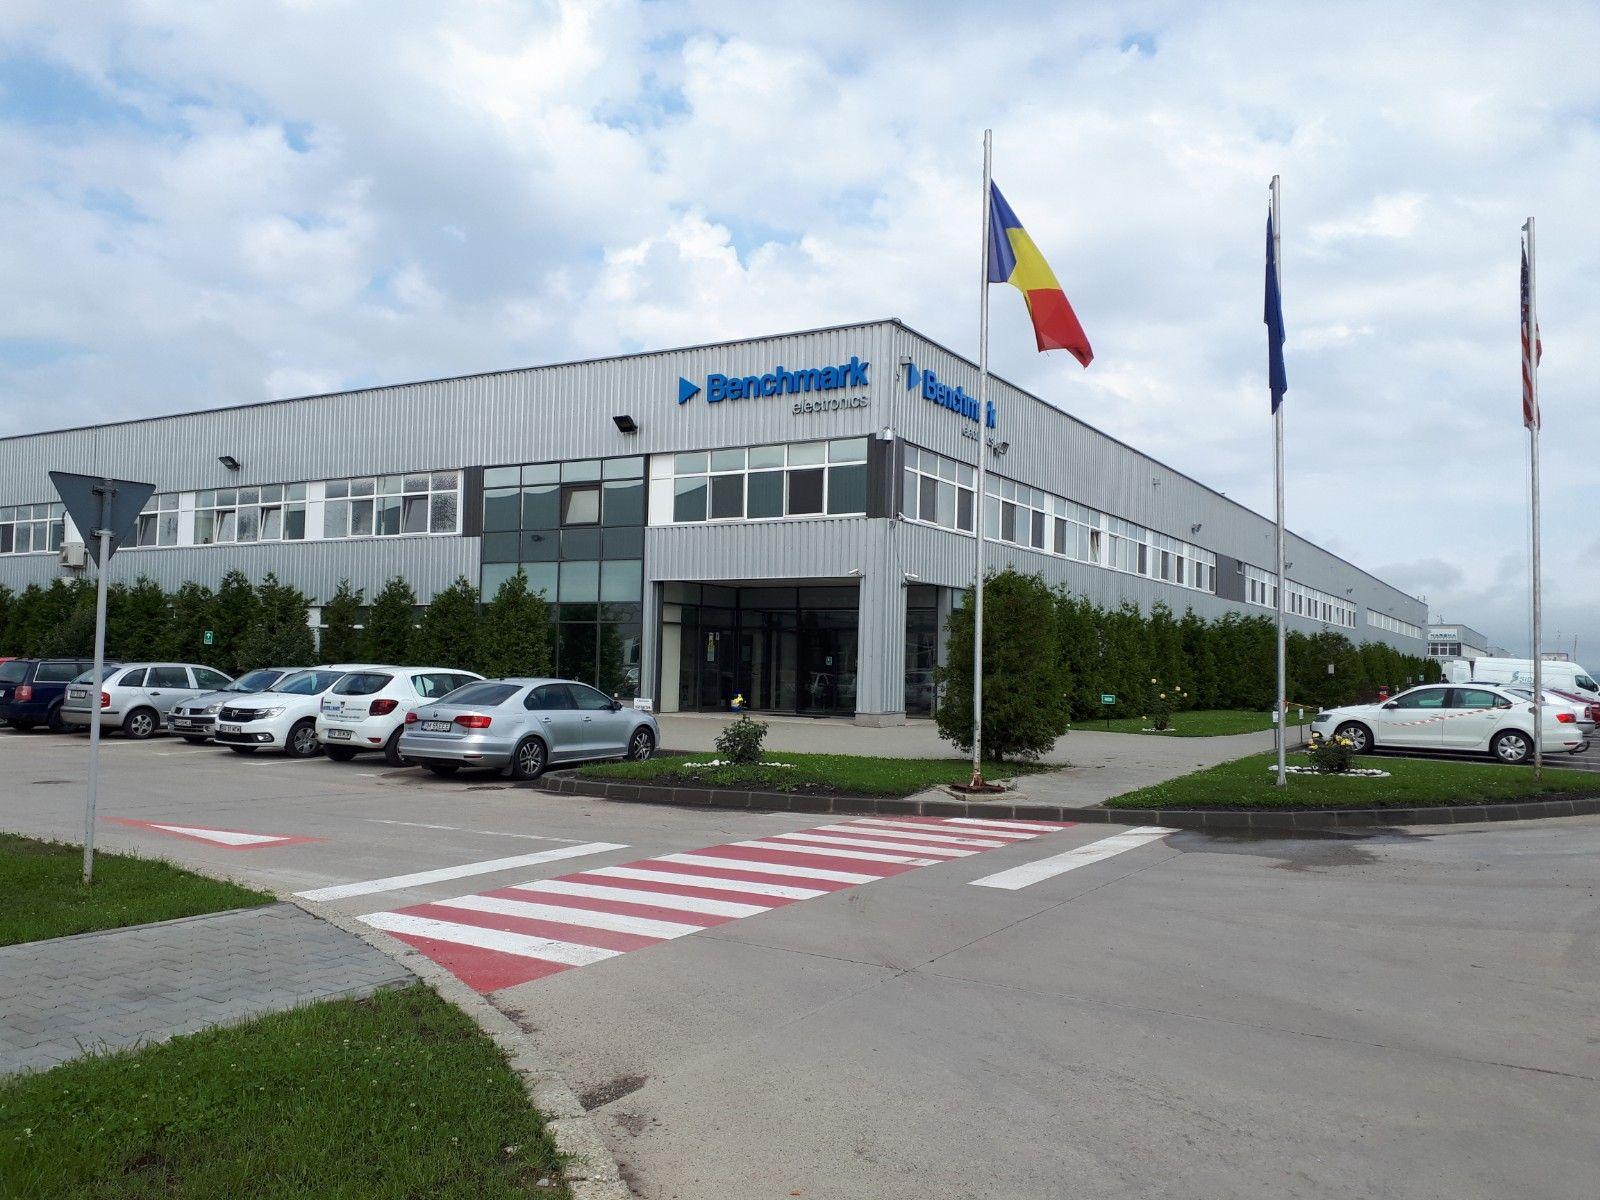 Benchmark Brasov Romania